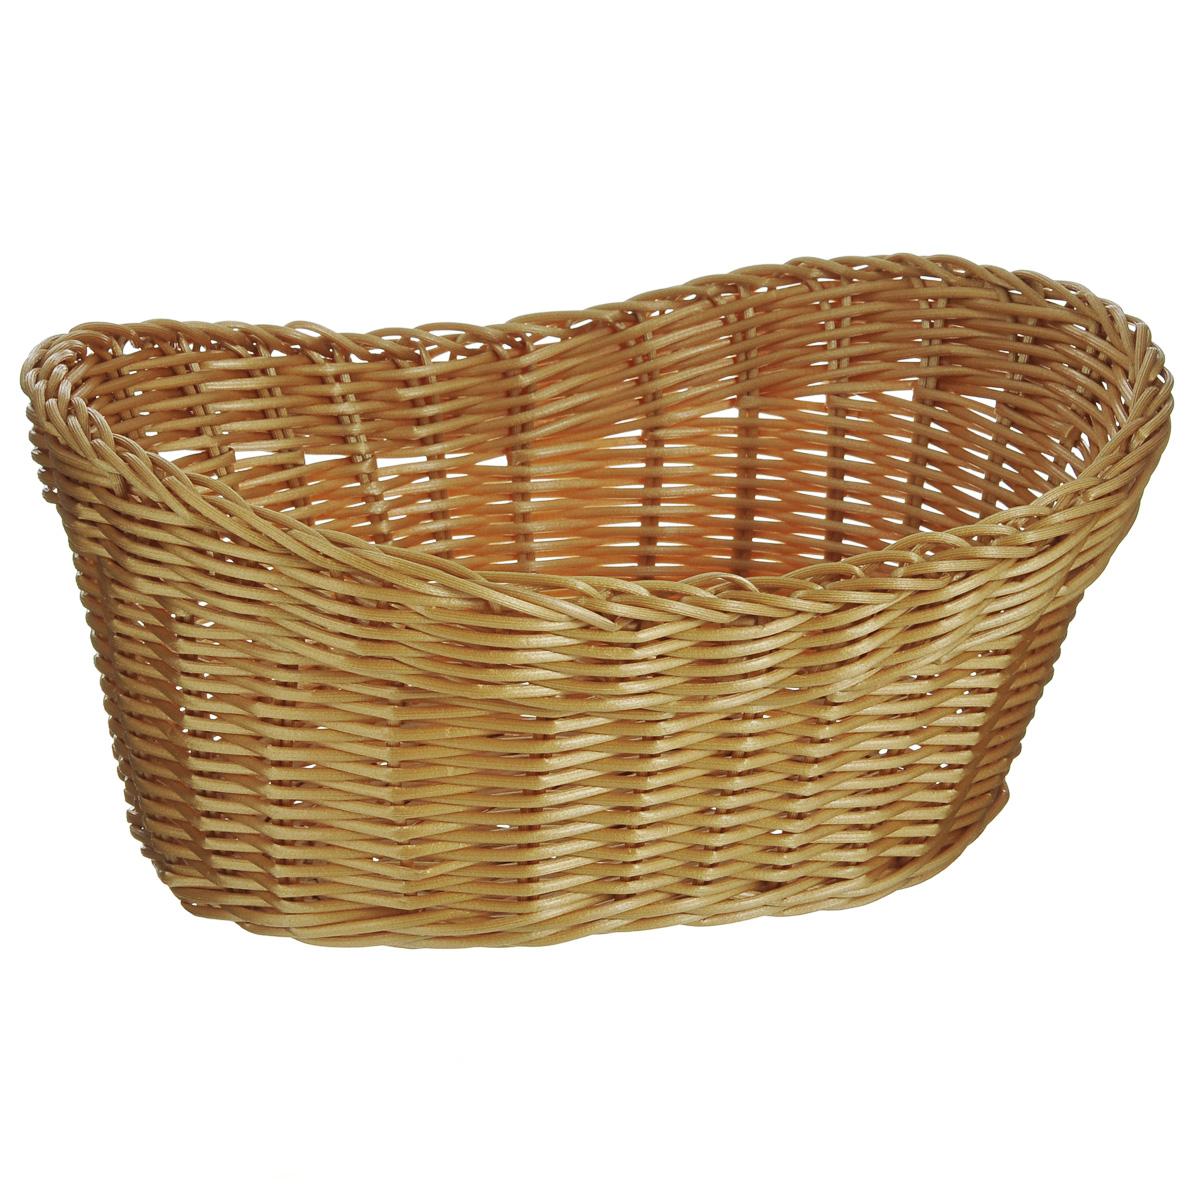 Корзинка для хлеба Kesper, 29,5 см х 22 см х 14 см. 1782-21782-2Оригинальная плетеная корзинка Kesper овальной формы, выполнена из пластика, напоминающего фактуру дерева. Корзинка прекрасно подойдет для вашей кухни. Она предназначена для красивой сервировки хлебобулочной продукции. Изящный дизайн придется по вкусу и ценителям классики, и тем, кто предпочитает утонченность и изысканность. Можно мыть в посудомоечной машине. Размер корзинки: 29,5 см х 22 см х 14 см.